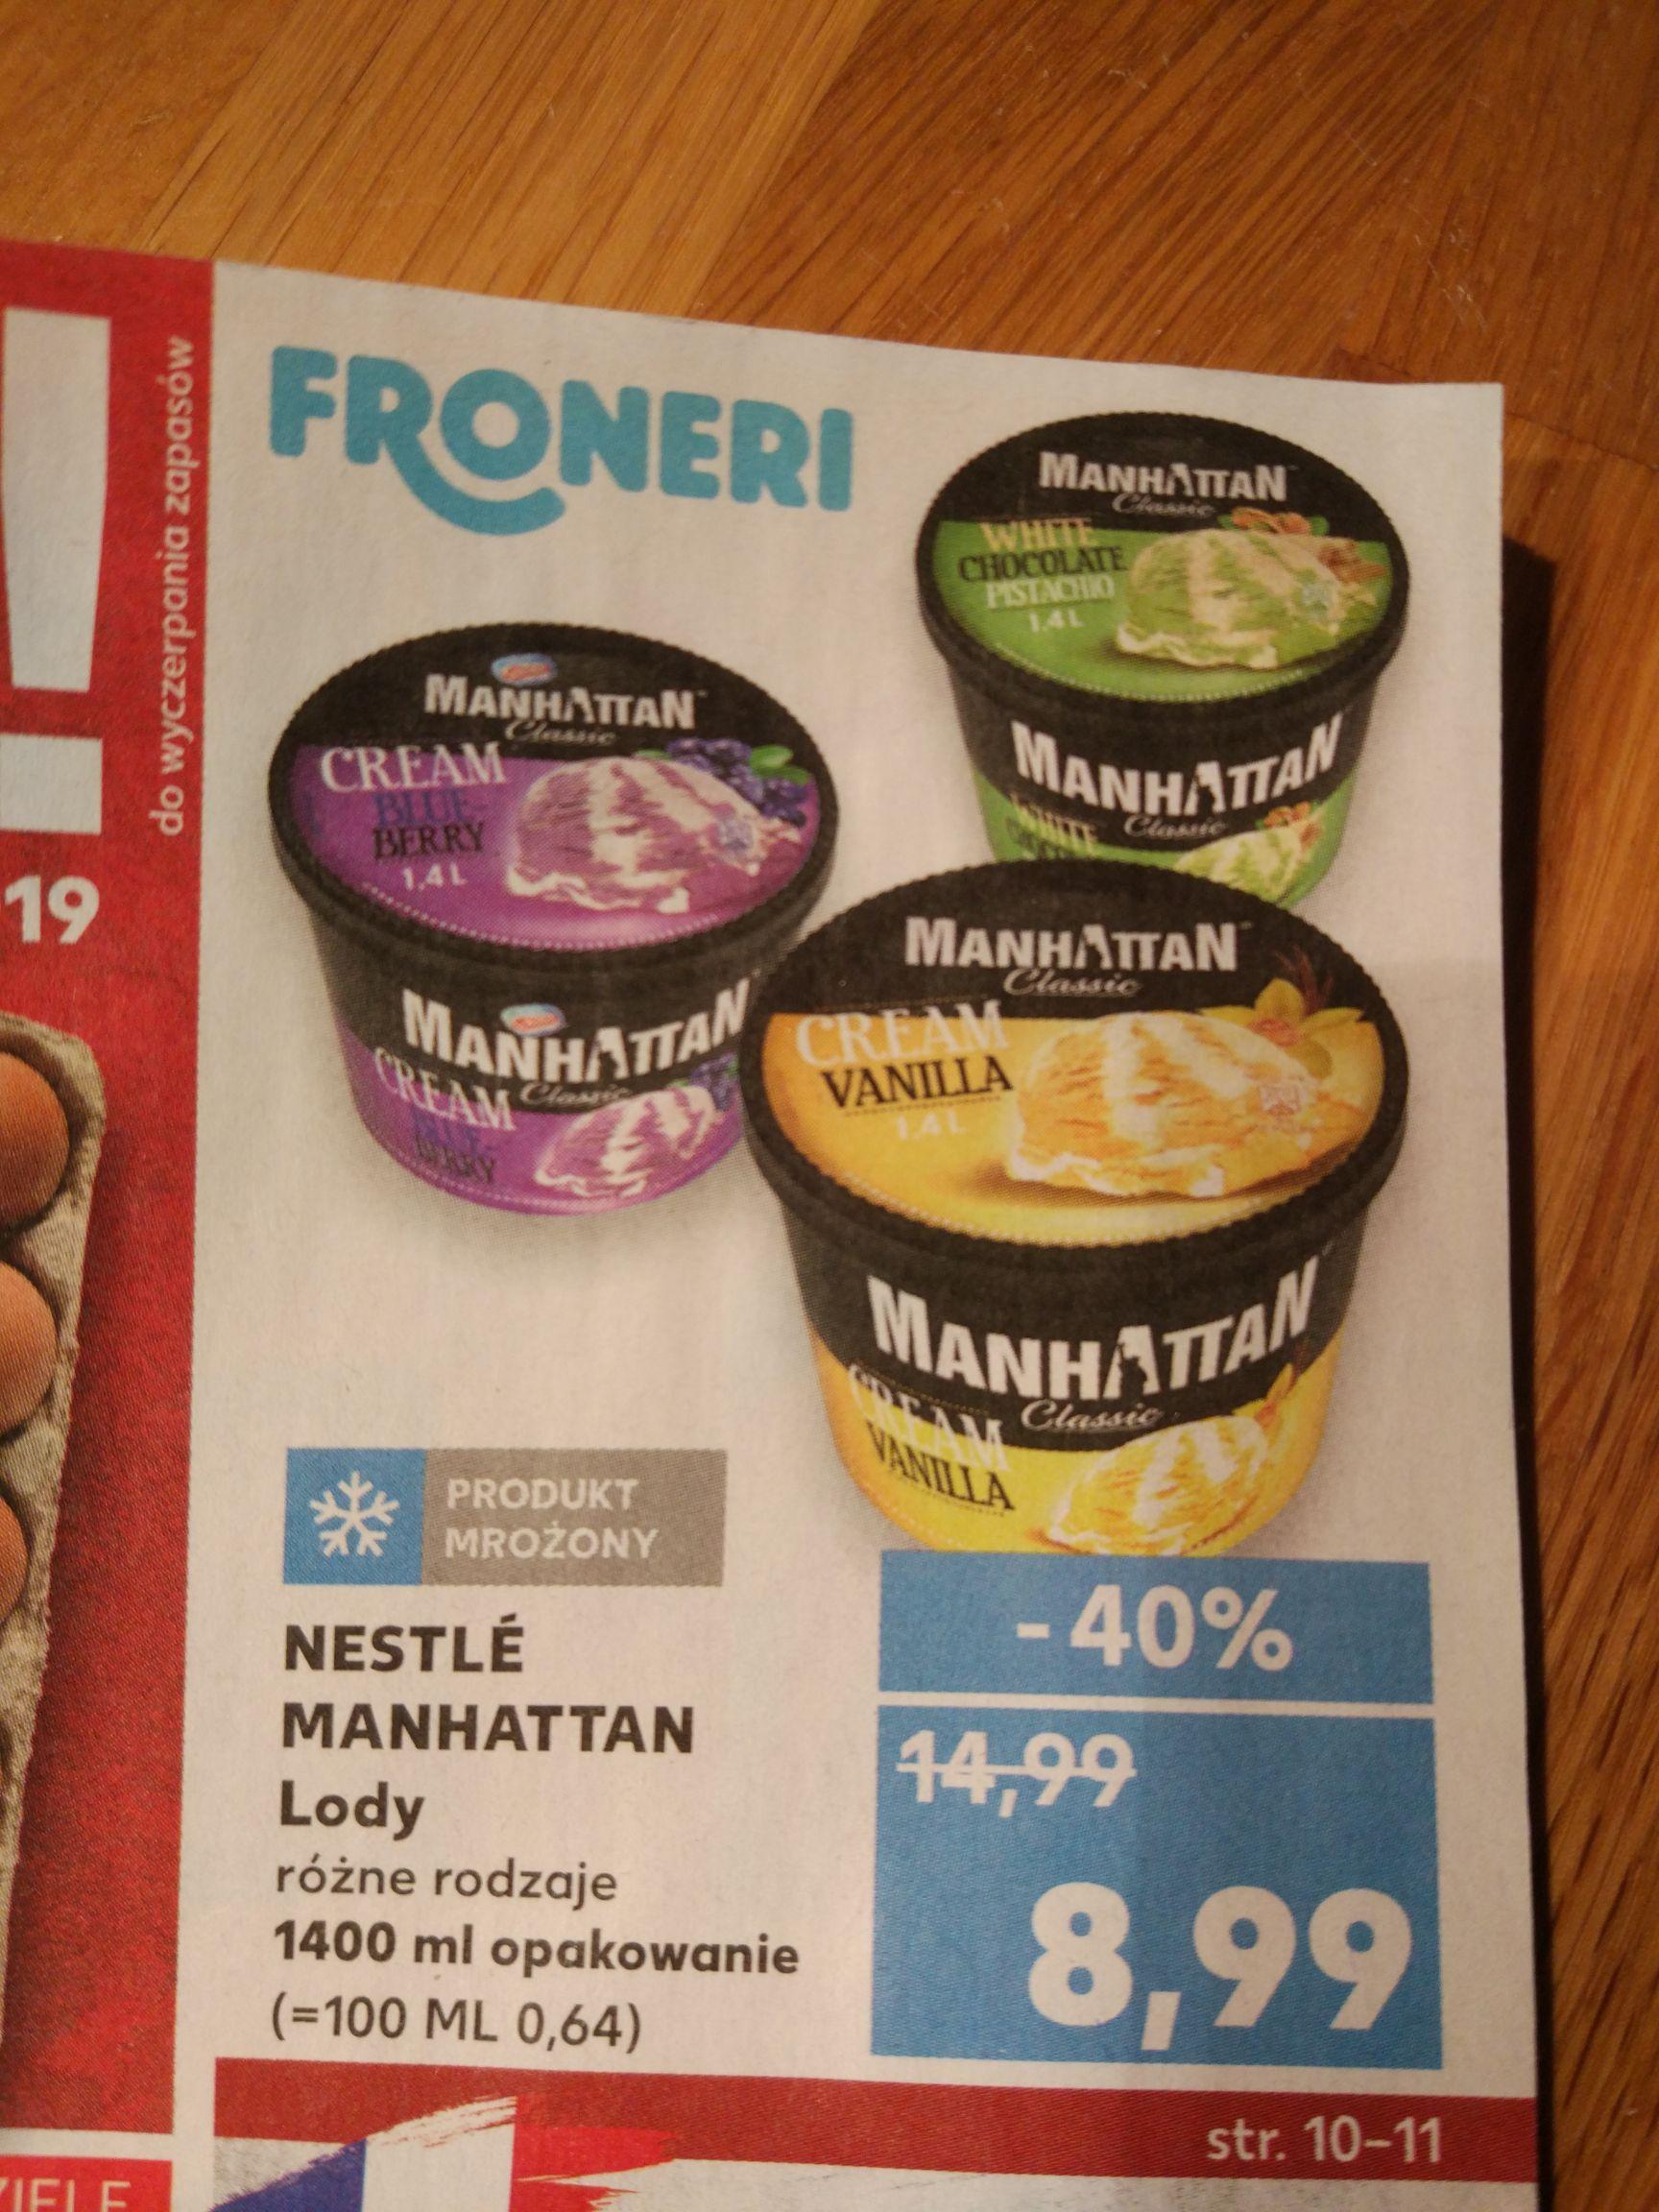 Lody Manhattan różne rodzaje 1400ml Kaufland